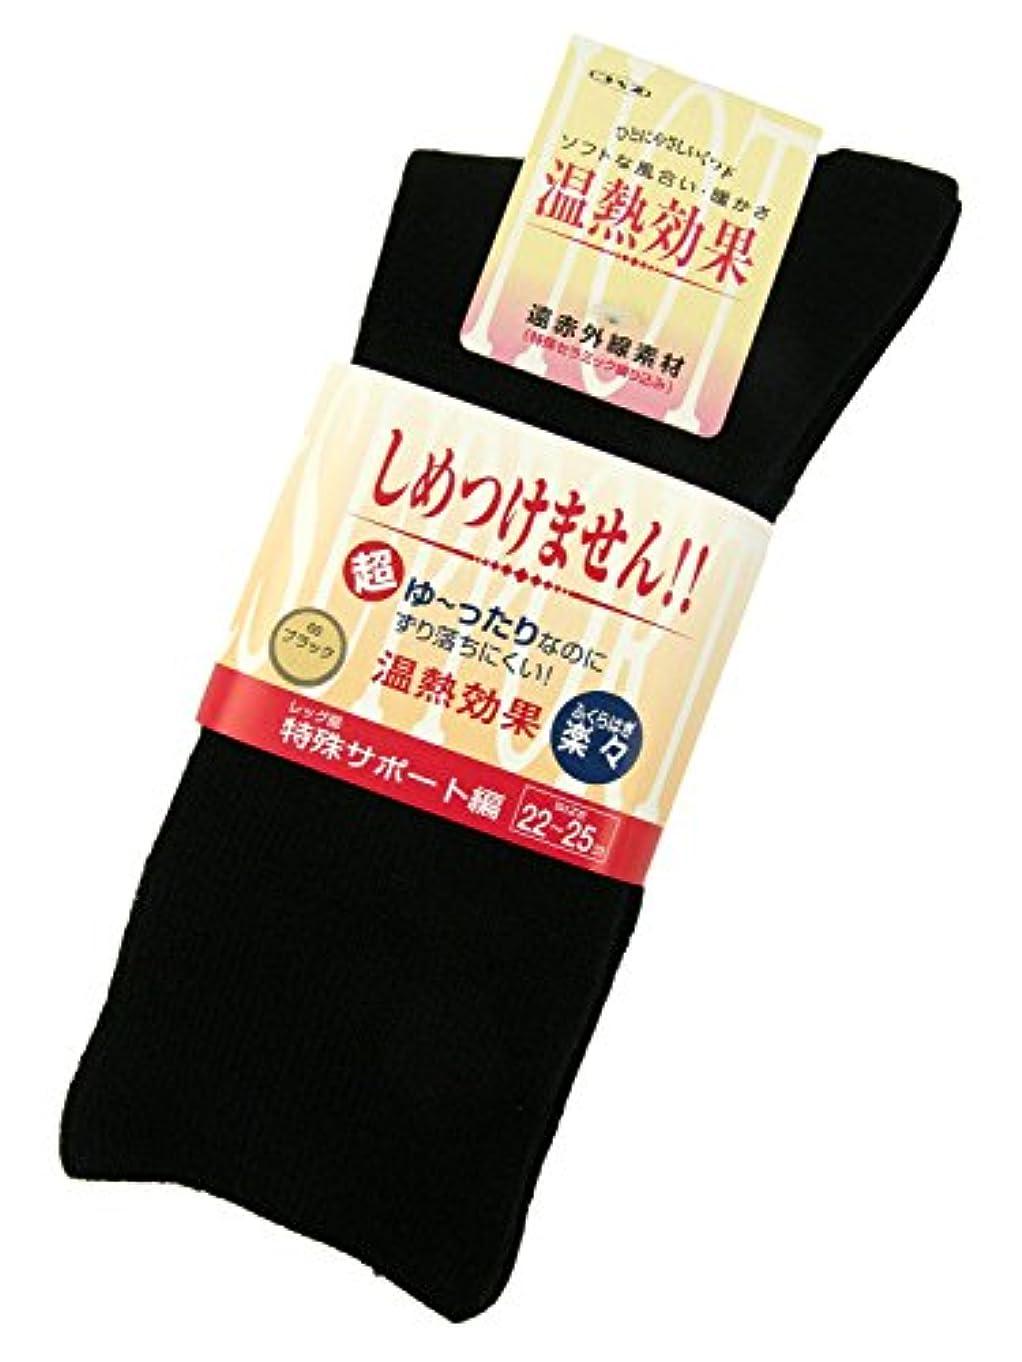 アームストロング合金雇用者婦人用 ふくらはぎ楽らくソックス(毛混) ブラック 22-25cm